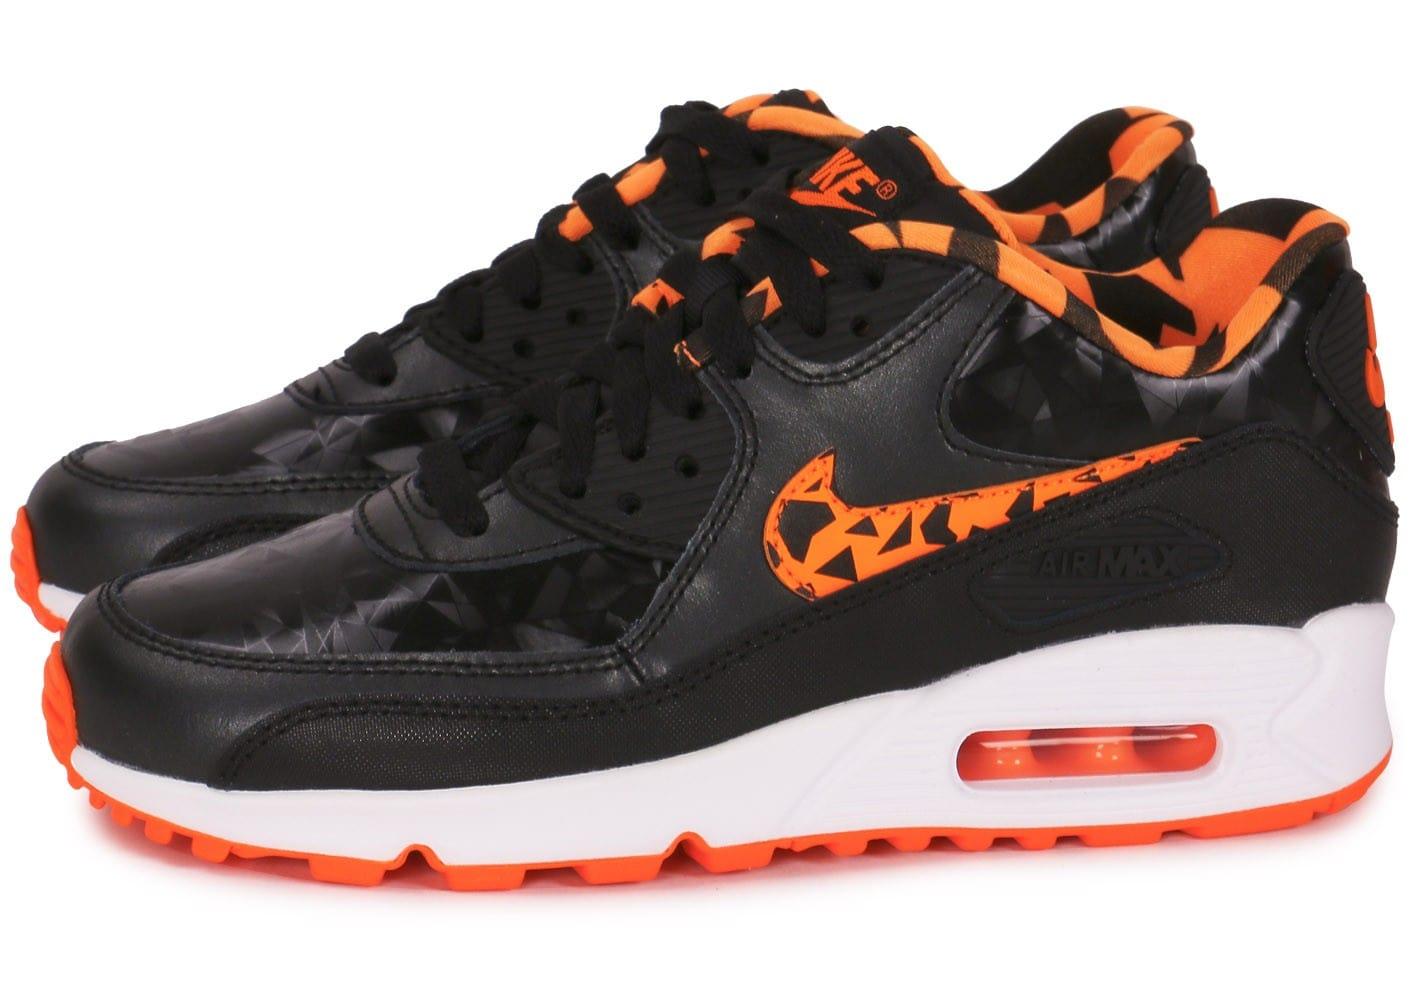 wholesale dealer 43992 90921 Valeur Nike Air Max 90 Femme Noir Chaussures De Gymnastique LAVO1881 nike  wmns air max 90,nike air max 90 noir et orange - s4